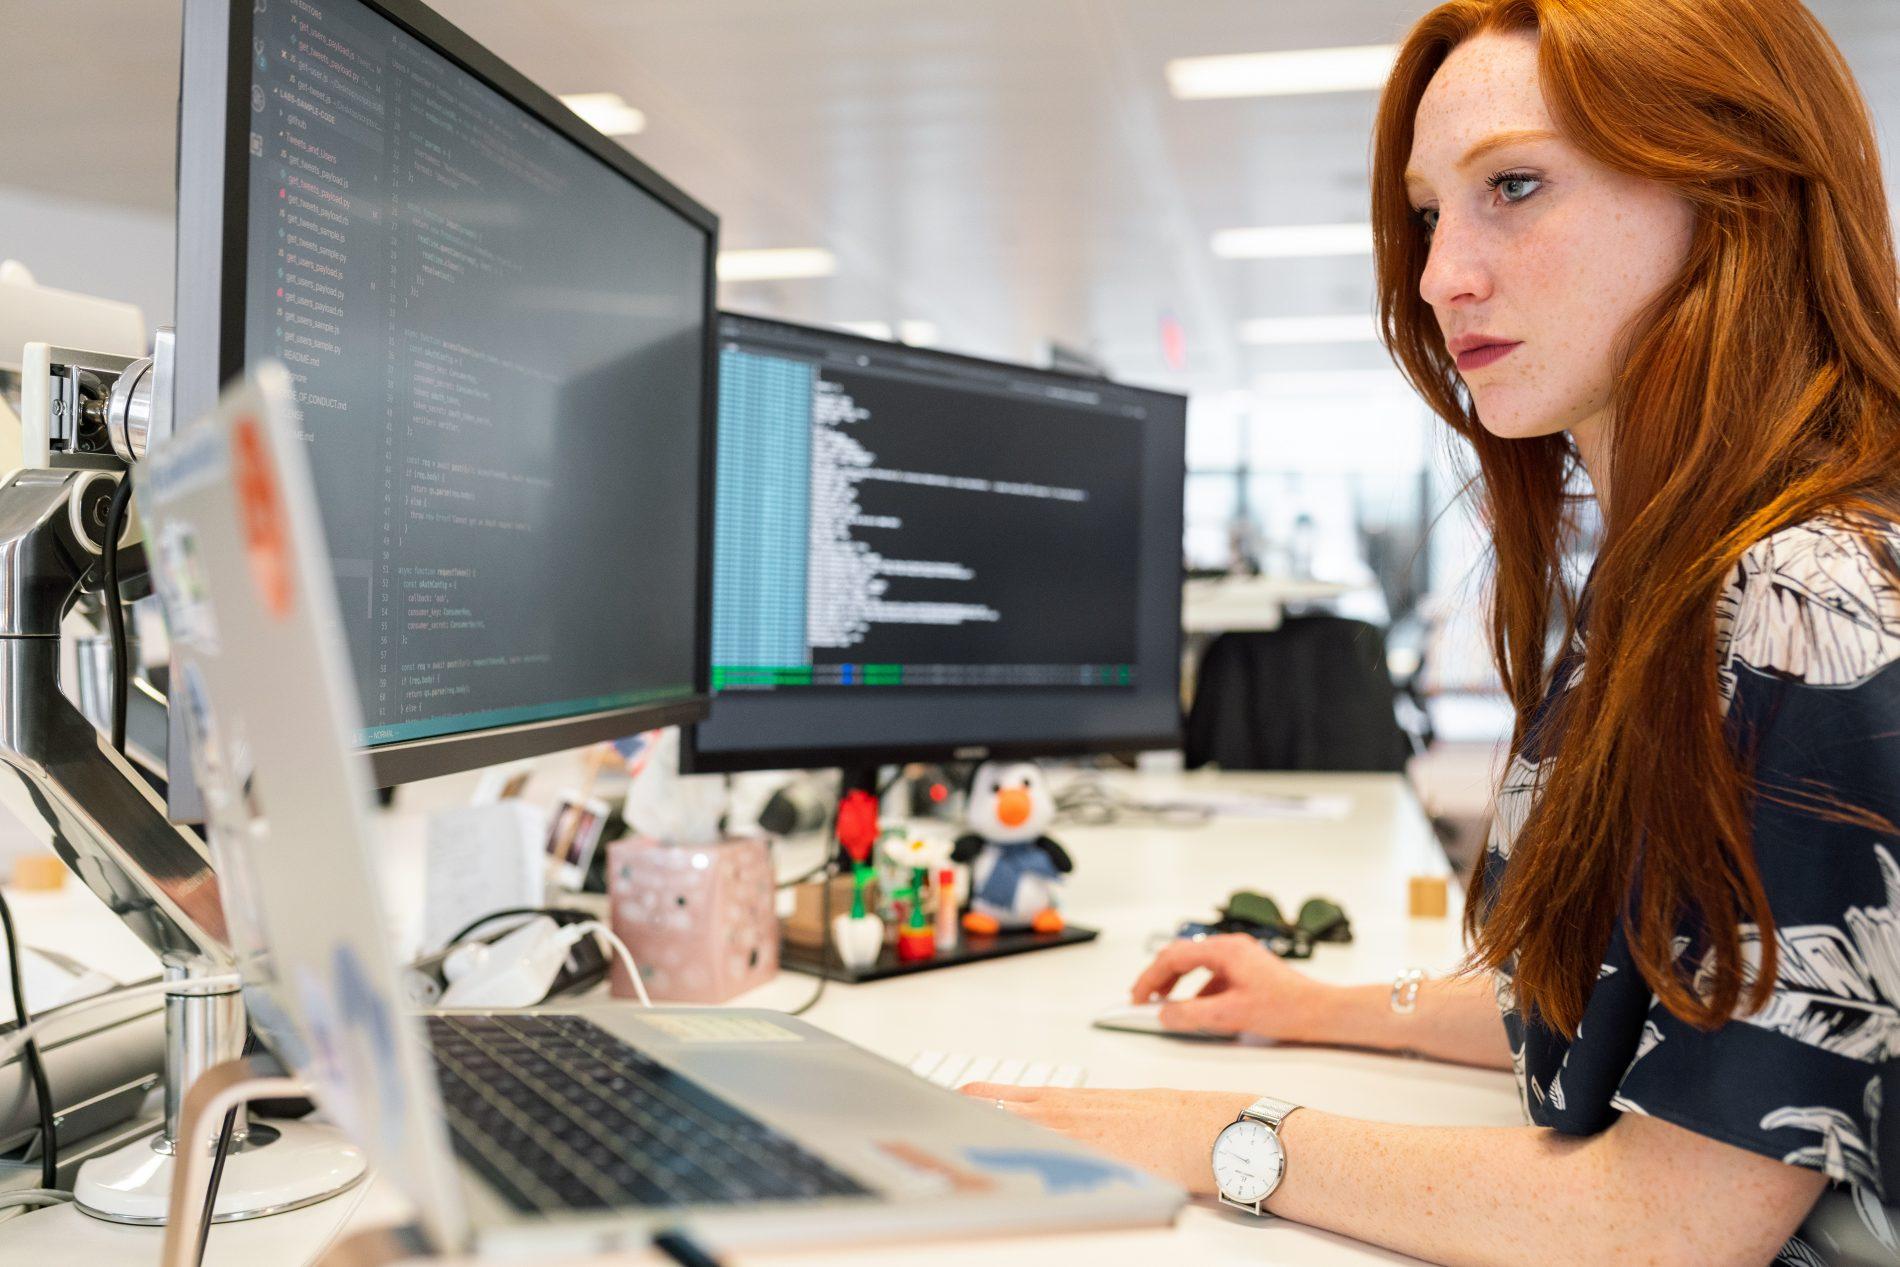 tech recruitment challenges